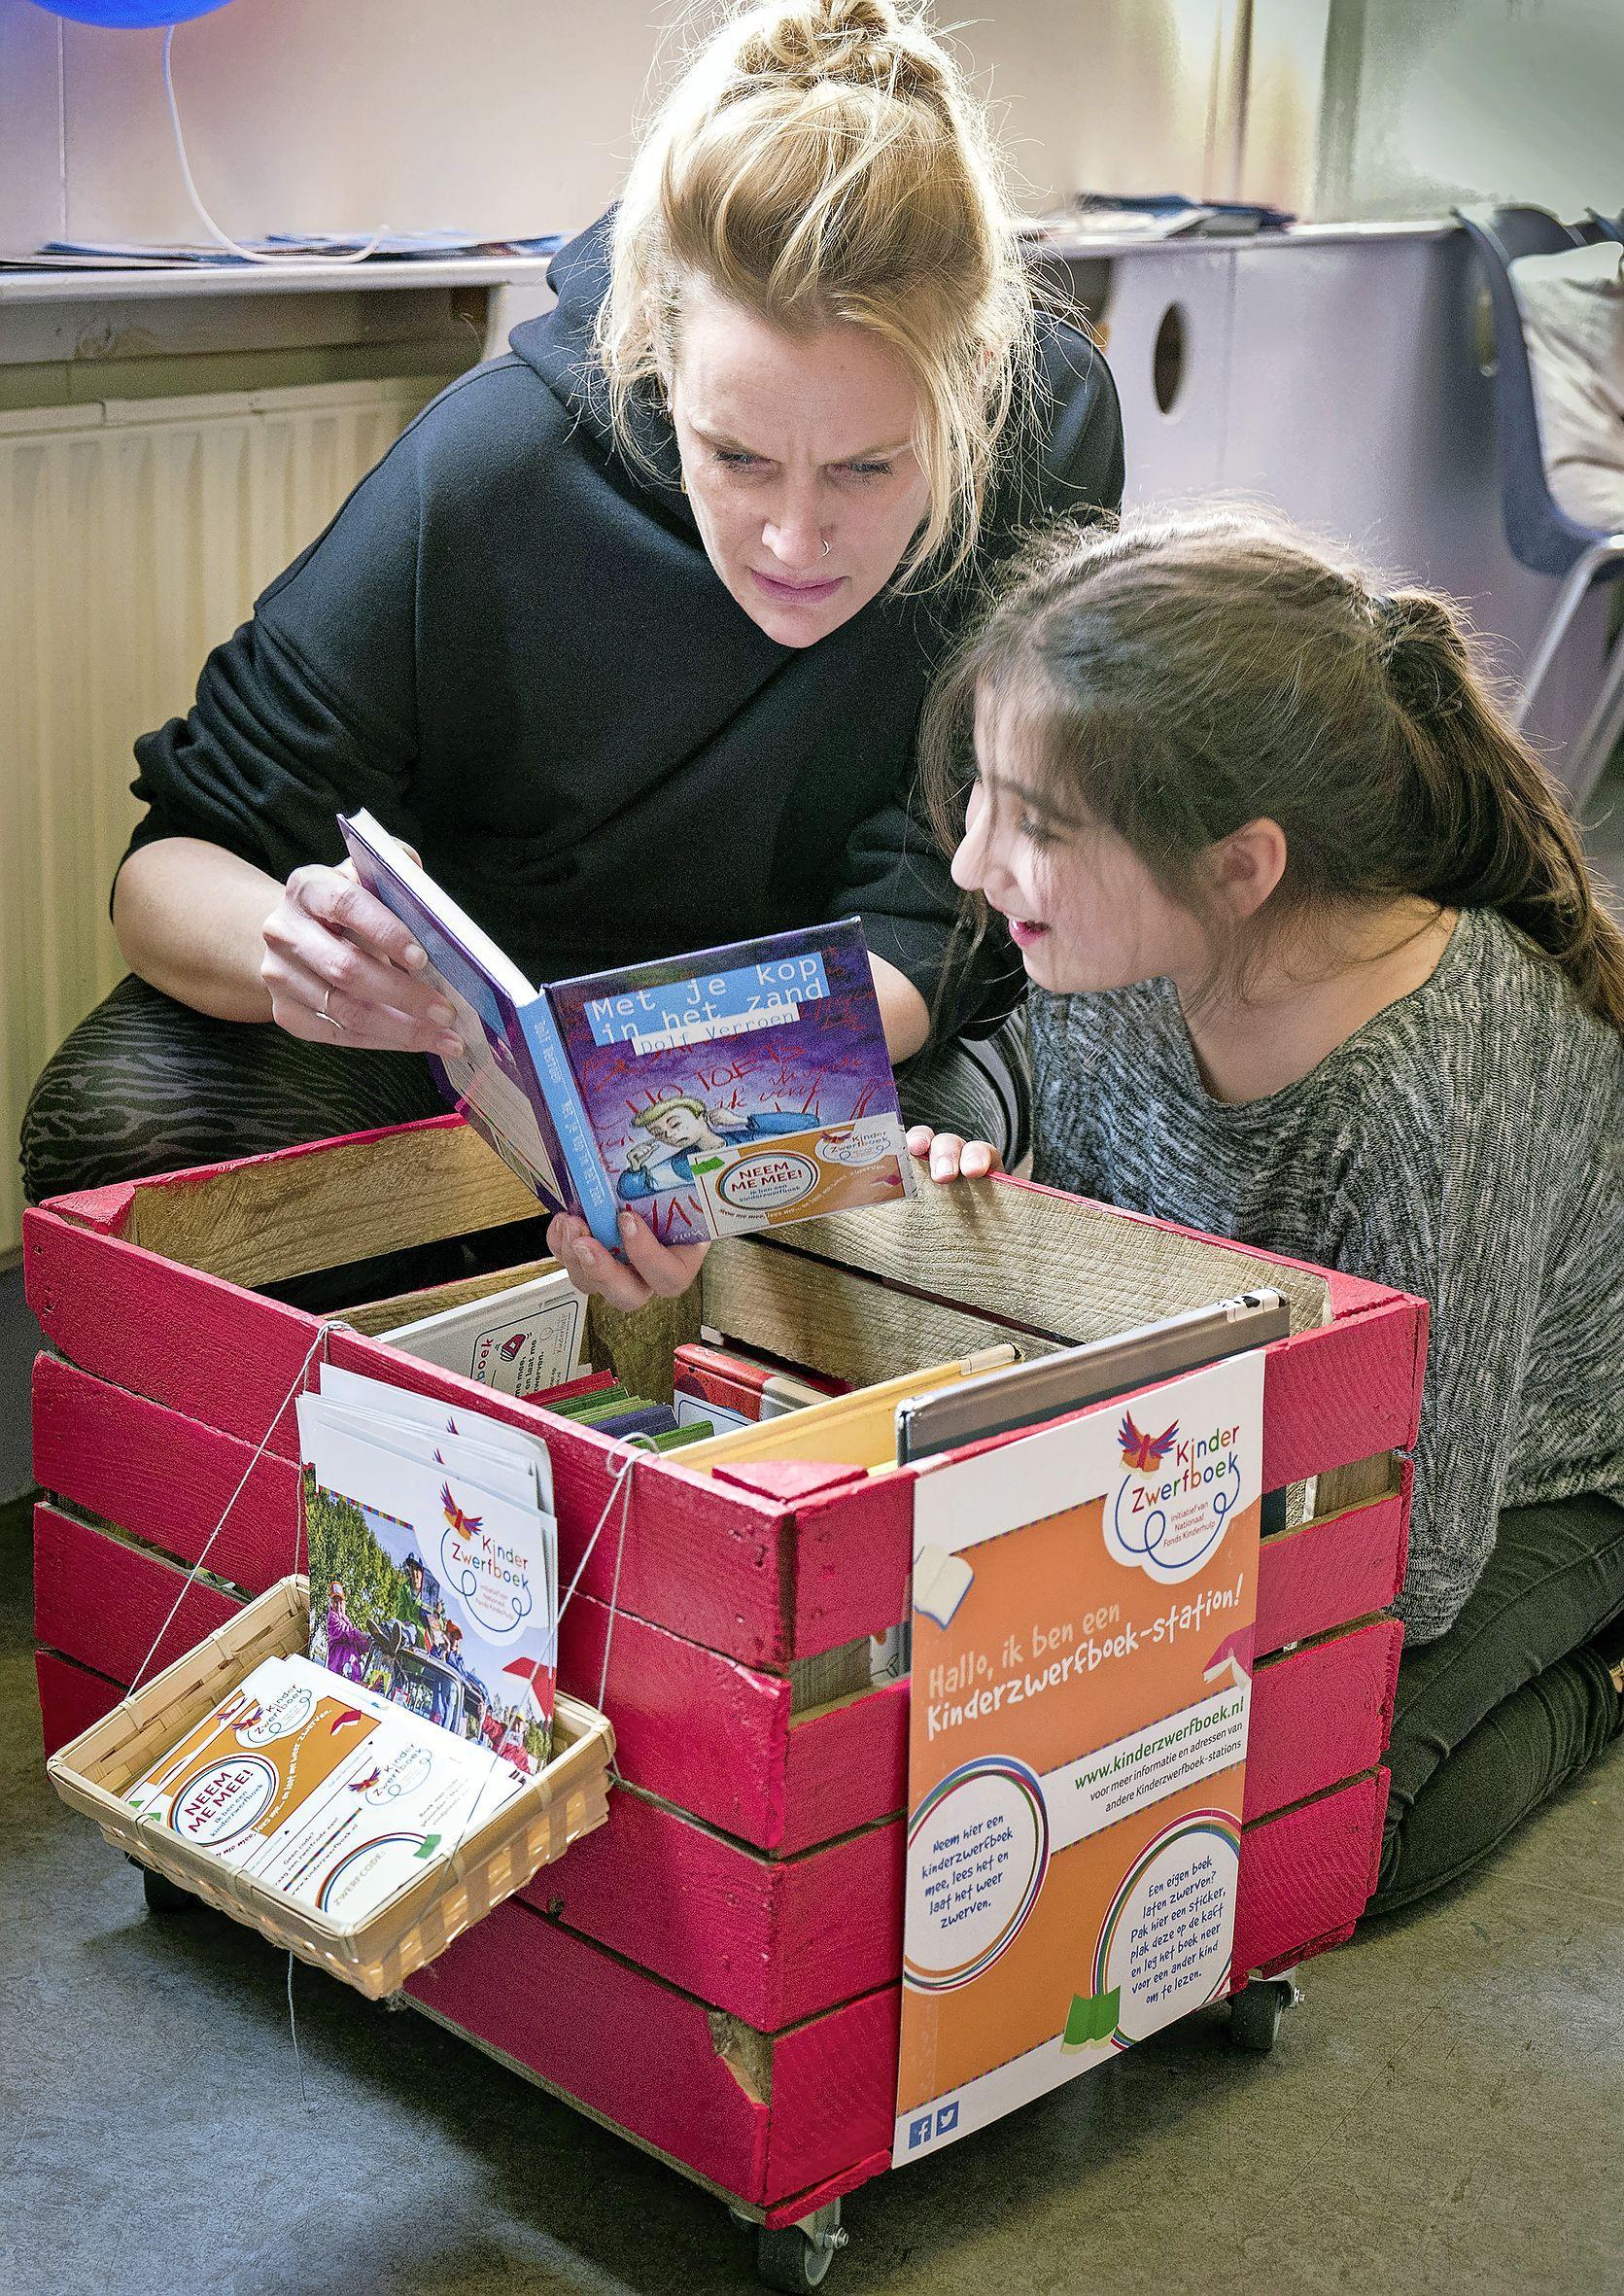 Oproep commissaris van de koning: laat kinderboek zwerven